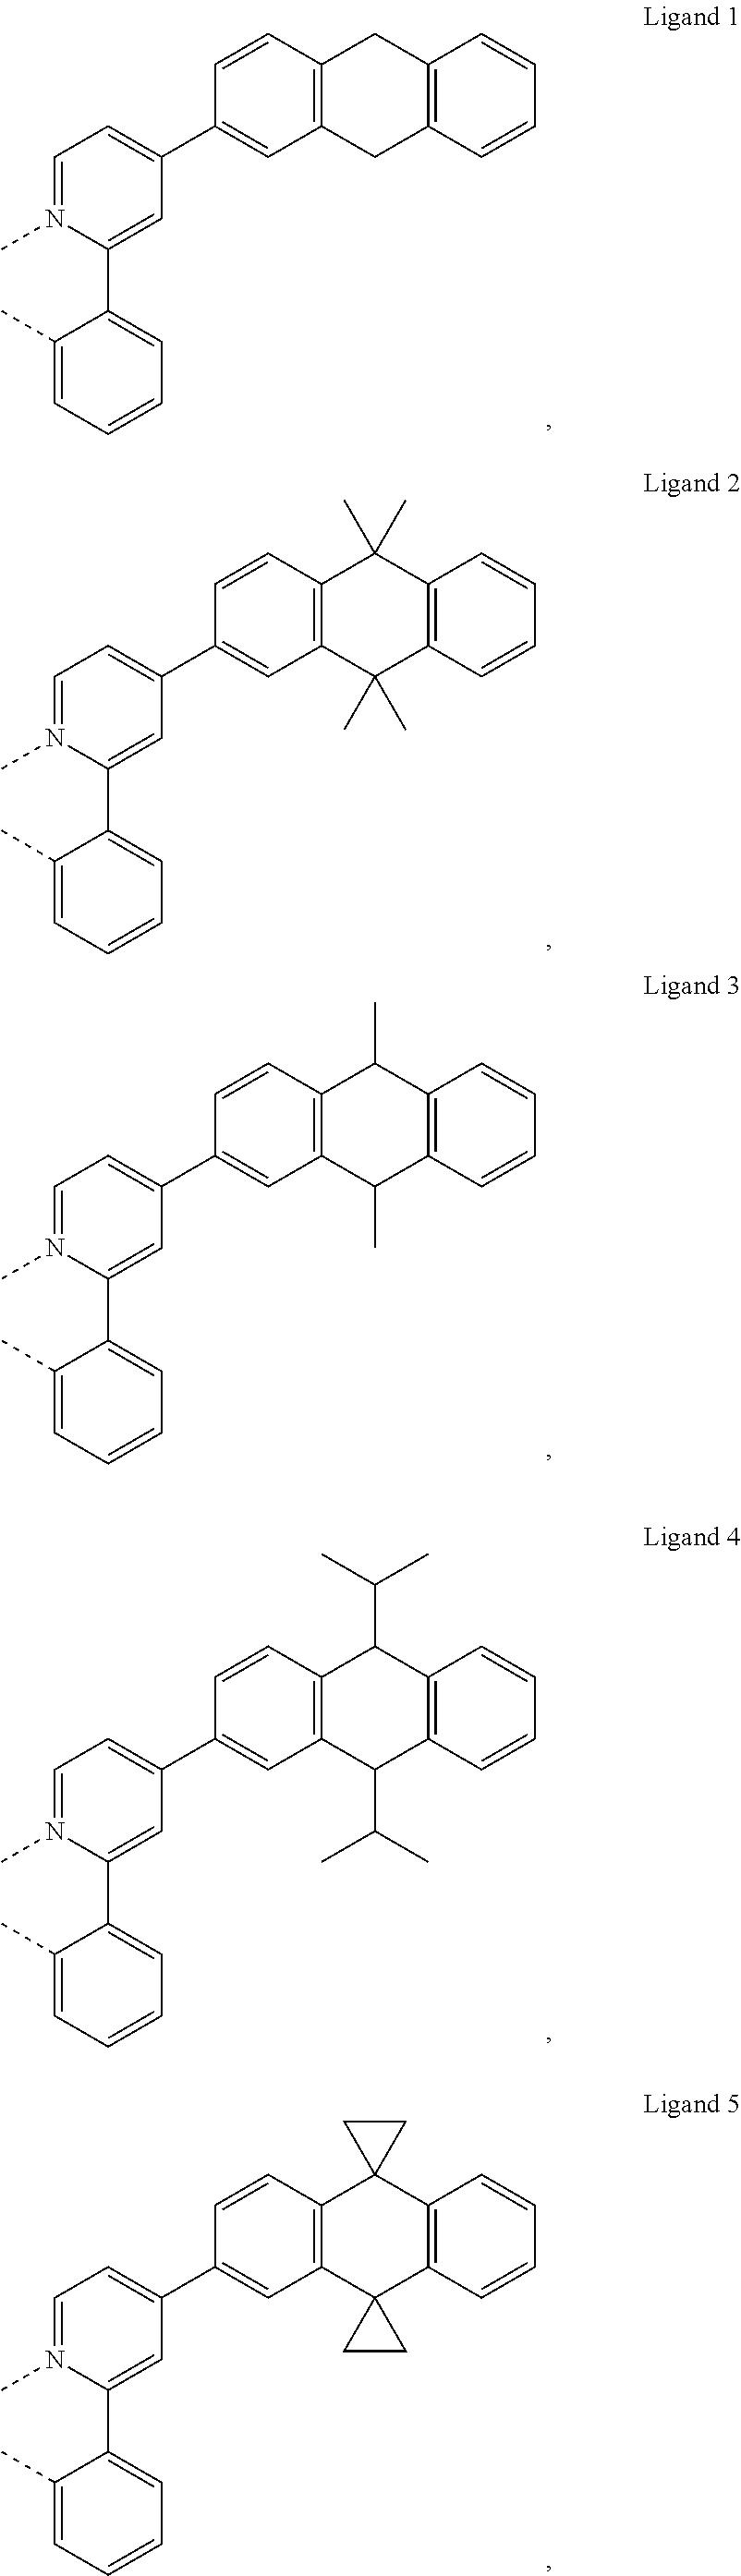 Figure US20180130962A1-20180510-C00228